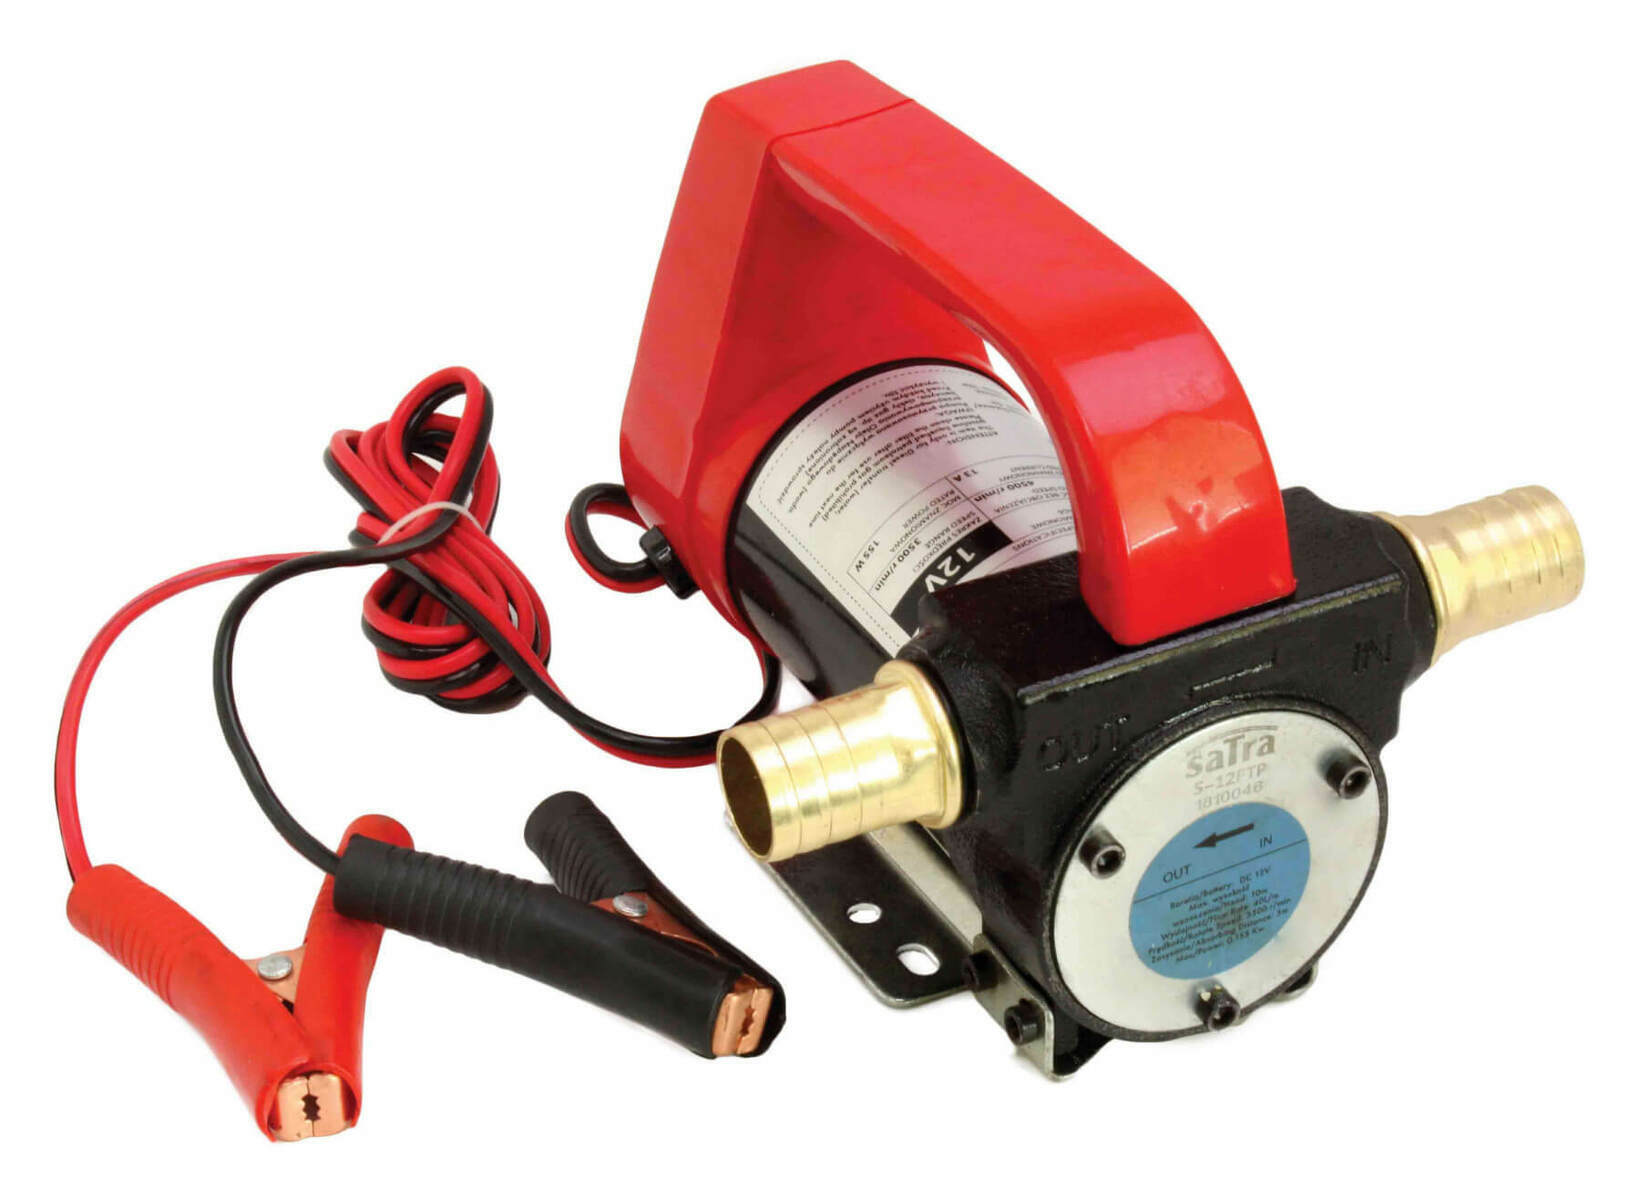 Čerpadlo elektrické na naftu 12V/155W - SATRA